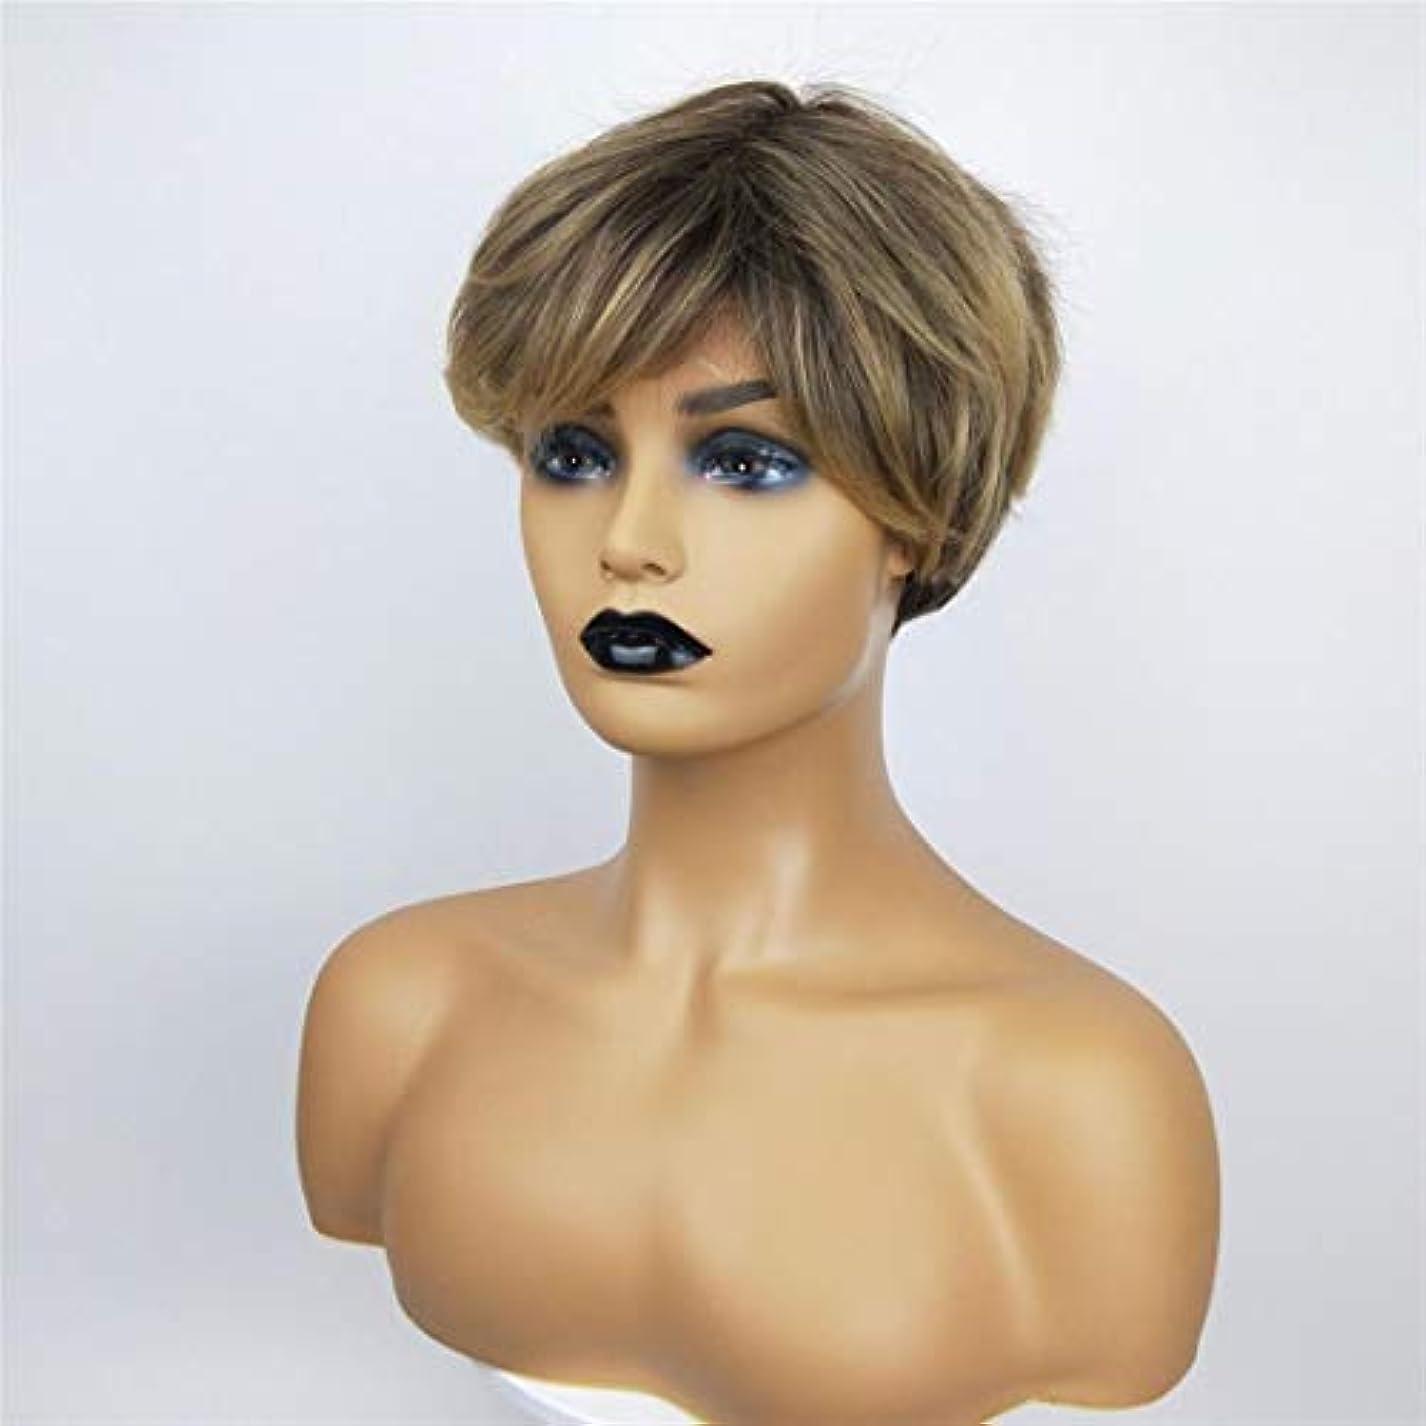 ペット迫害するアルファベット順Kerwinner 女性のための短い巻き毛のかつら高温シルクケミカルファイバーウィッグヘッドギア